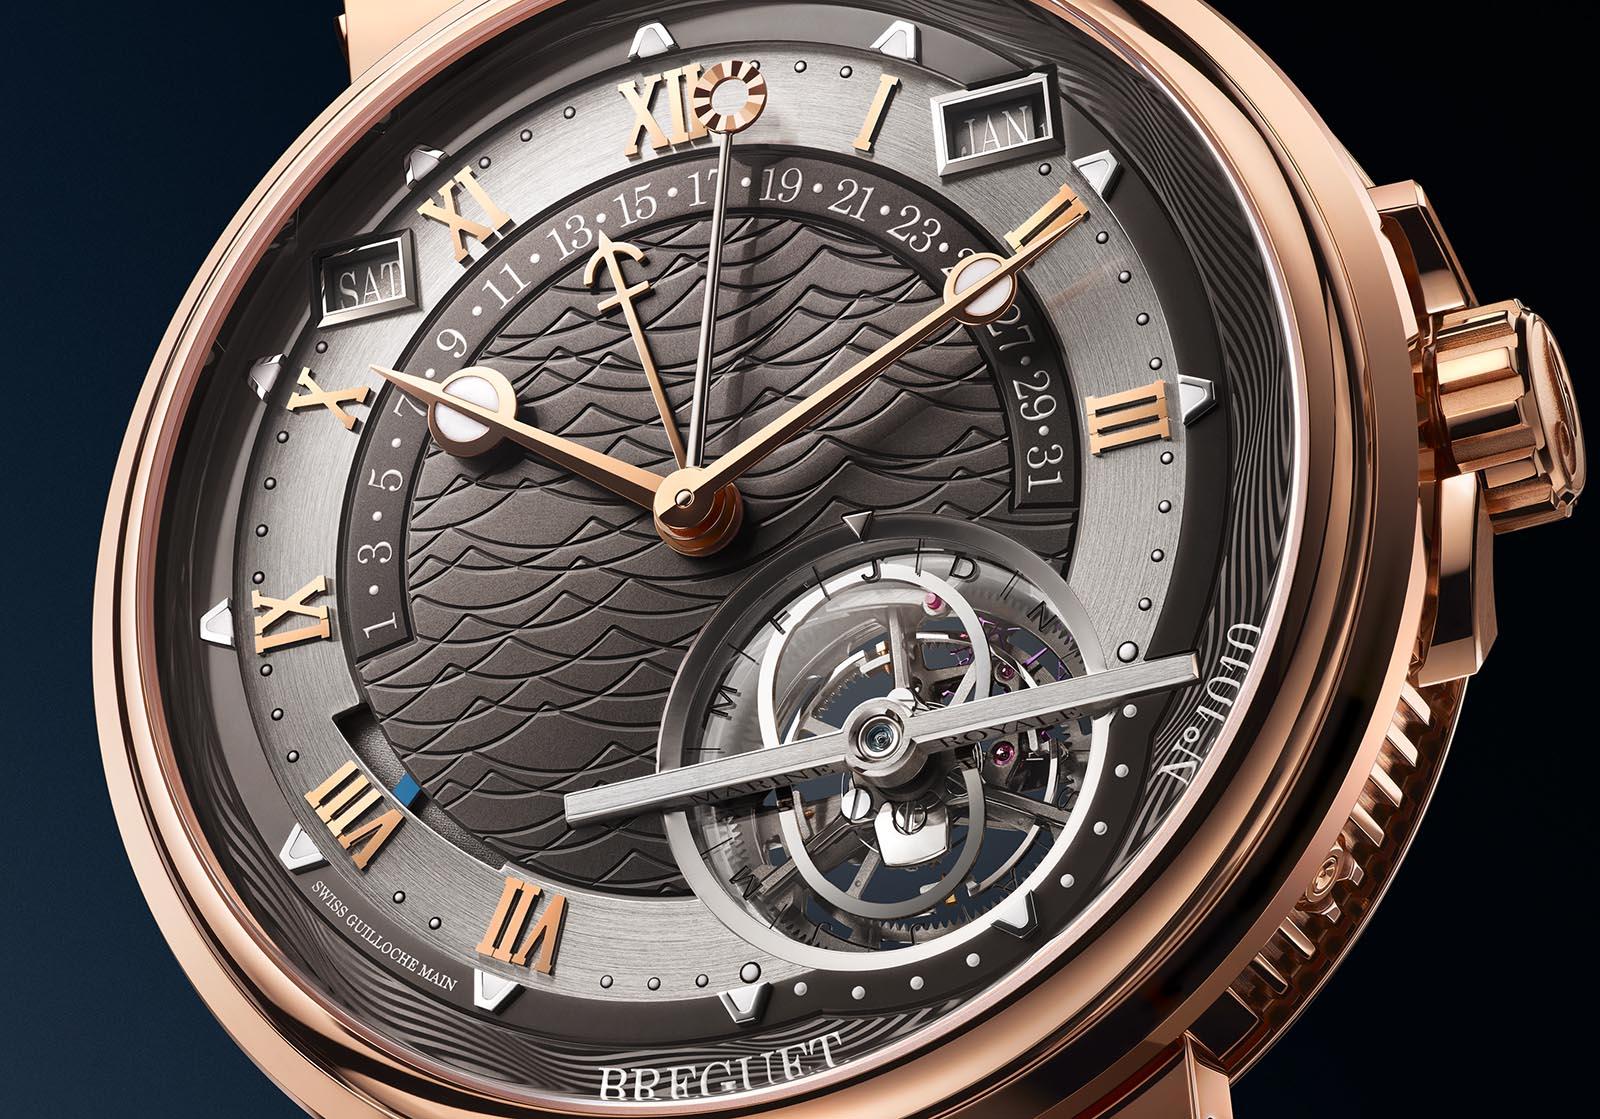 đồng hồ phương trình thời gian là gì?